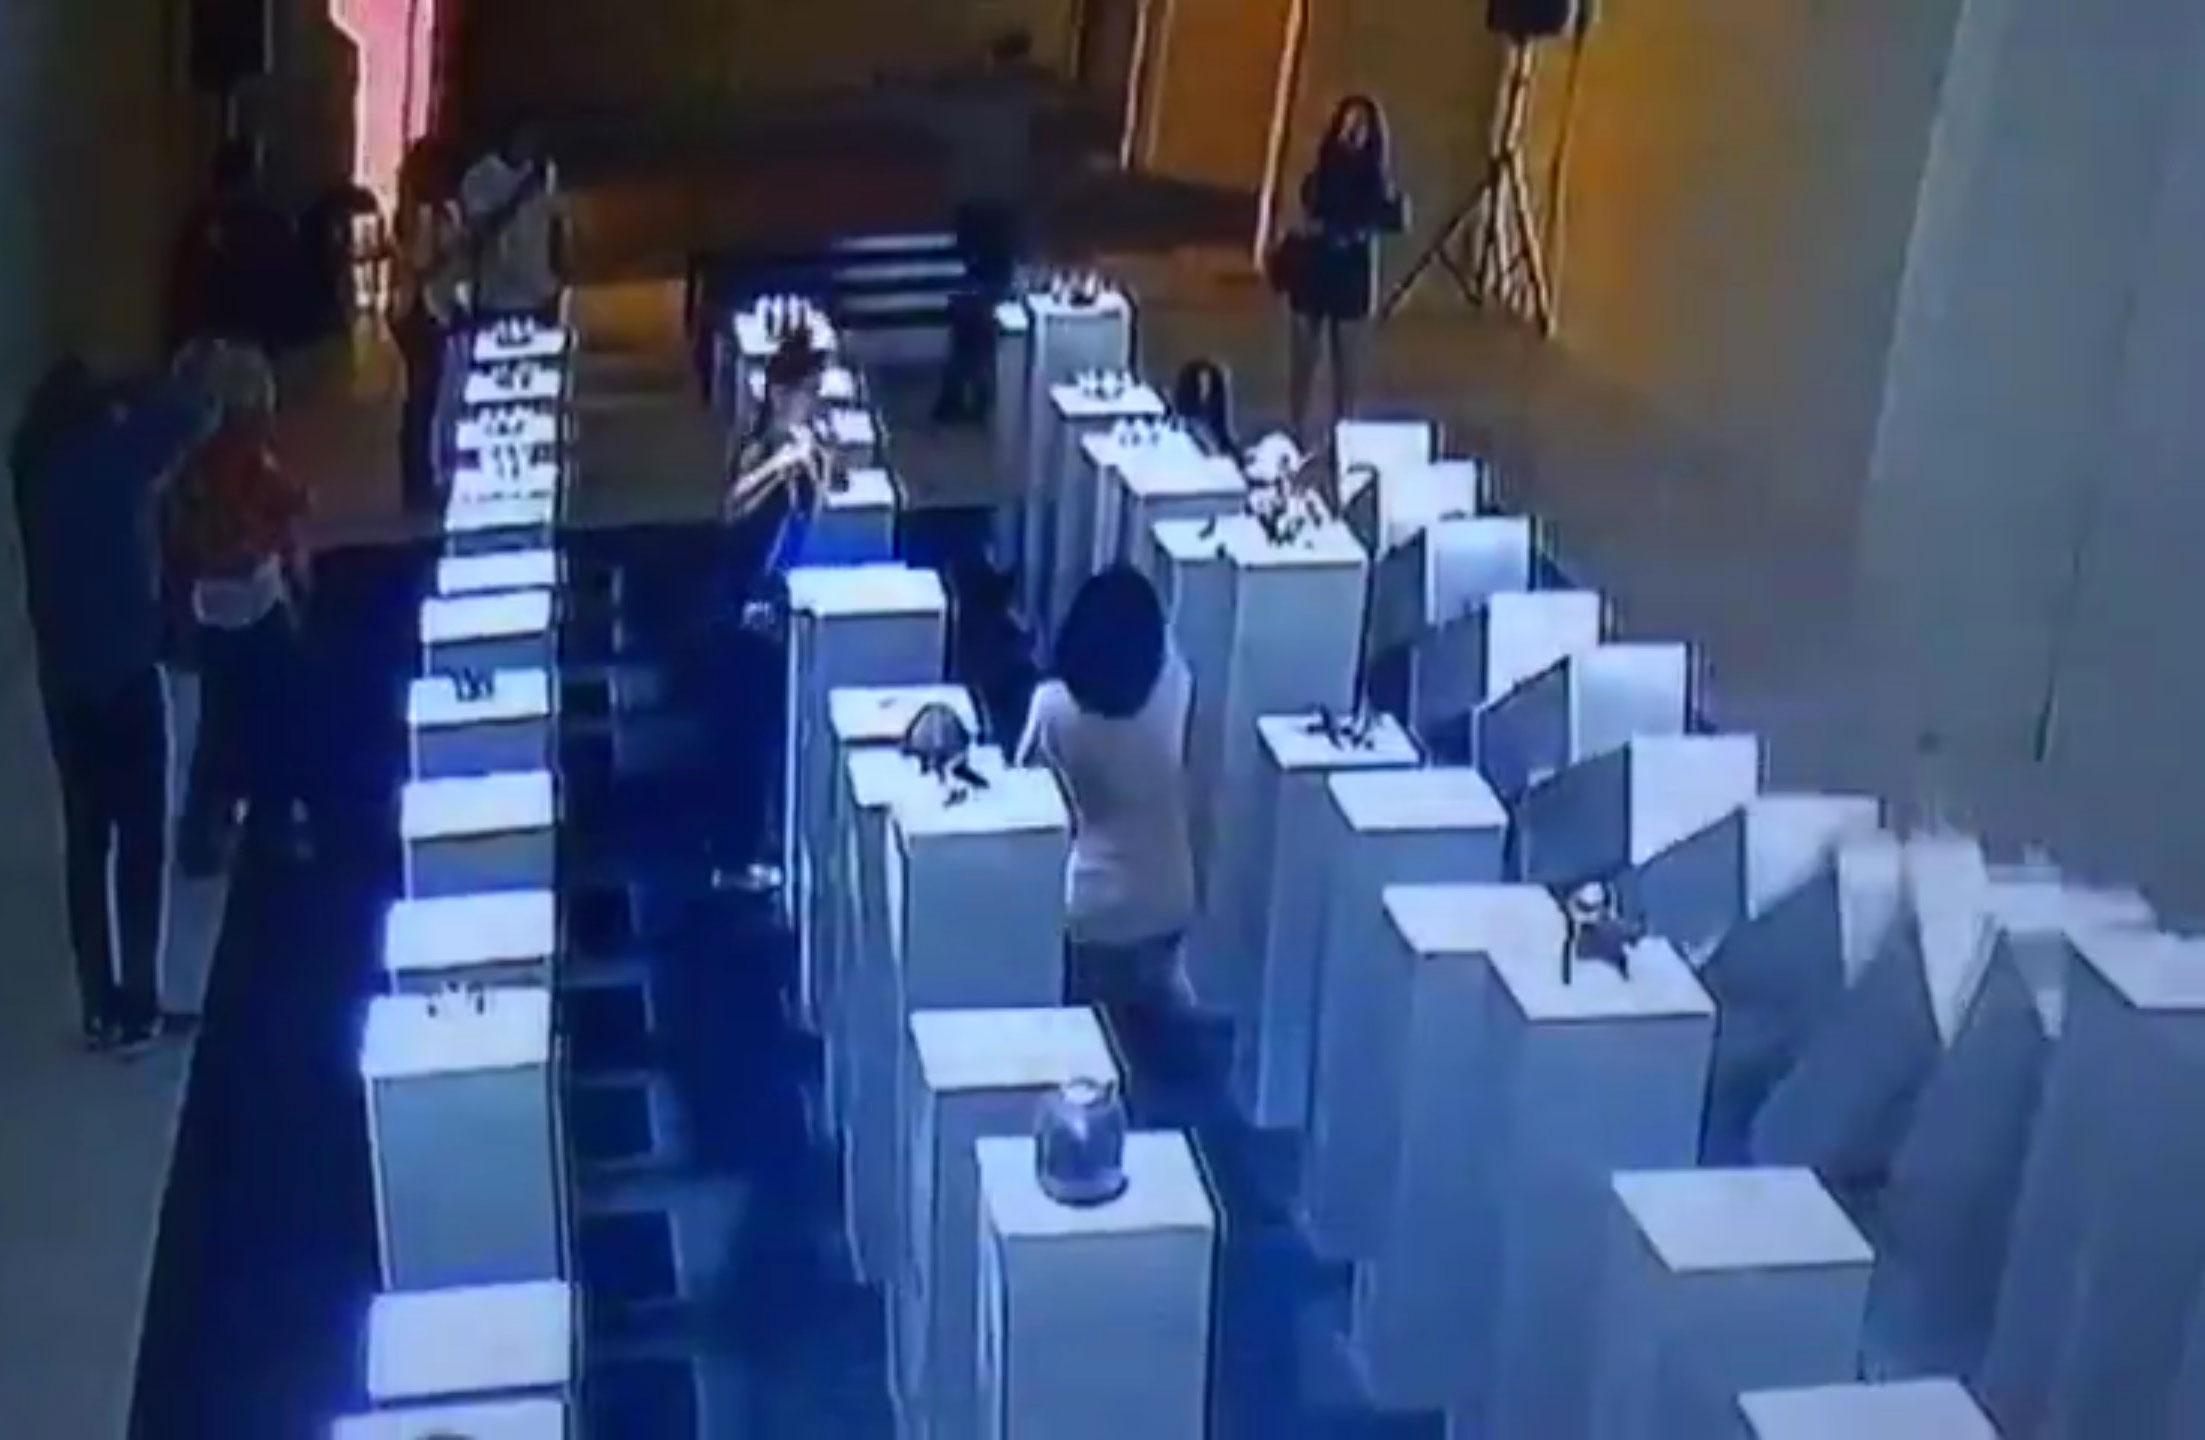 Scatta selfie alla mostra e danneggia opera d'arte: danni per duecentomila dollari